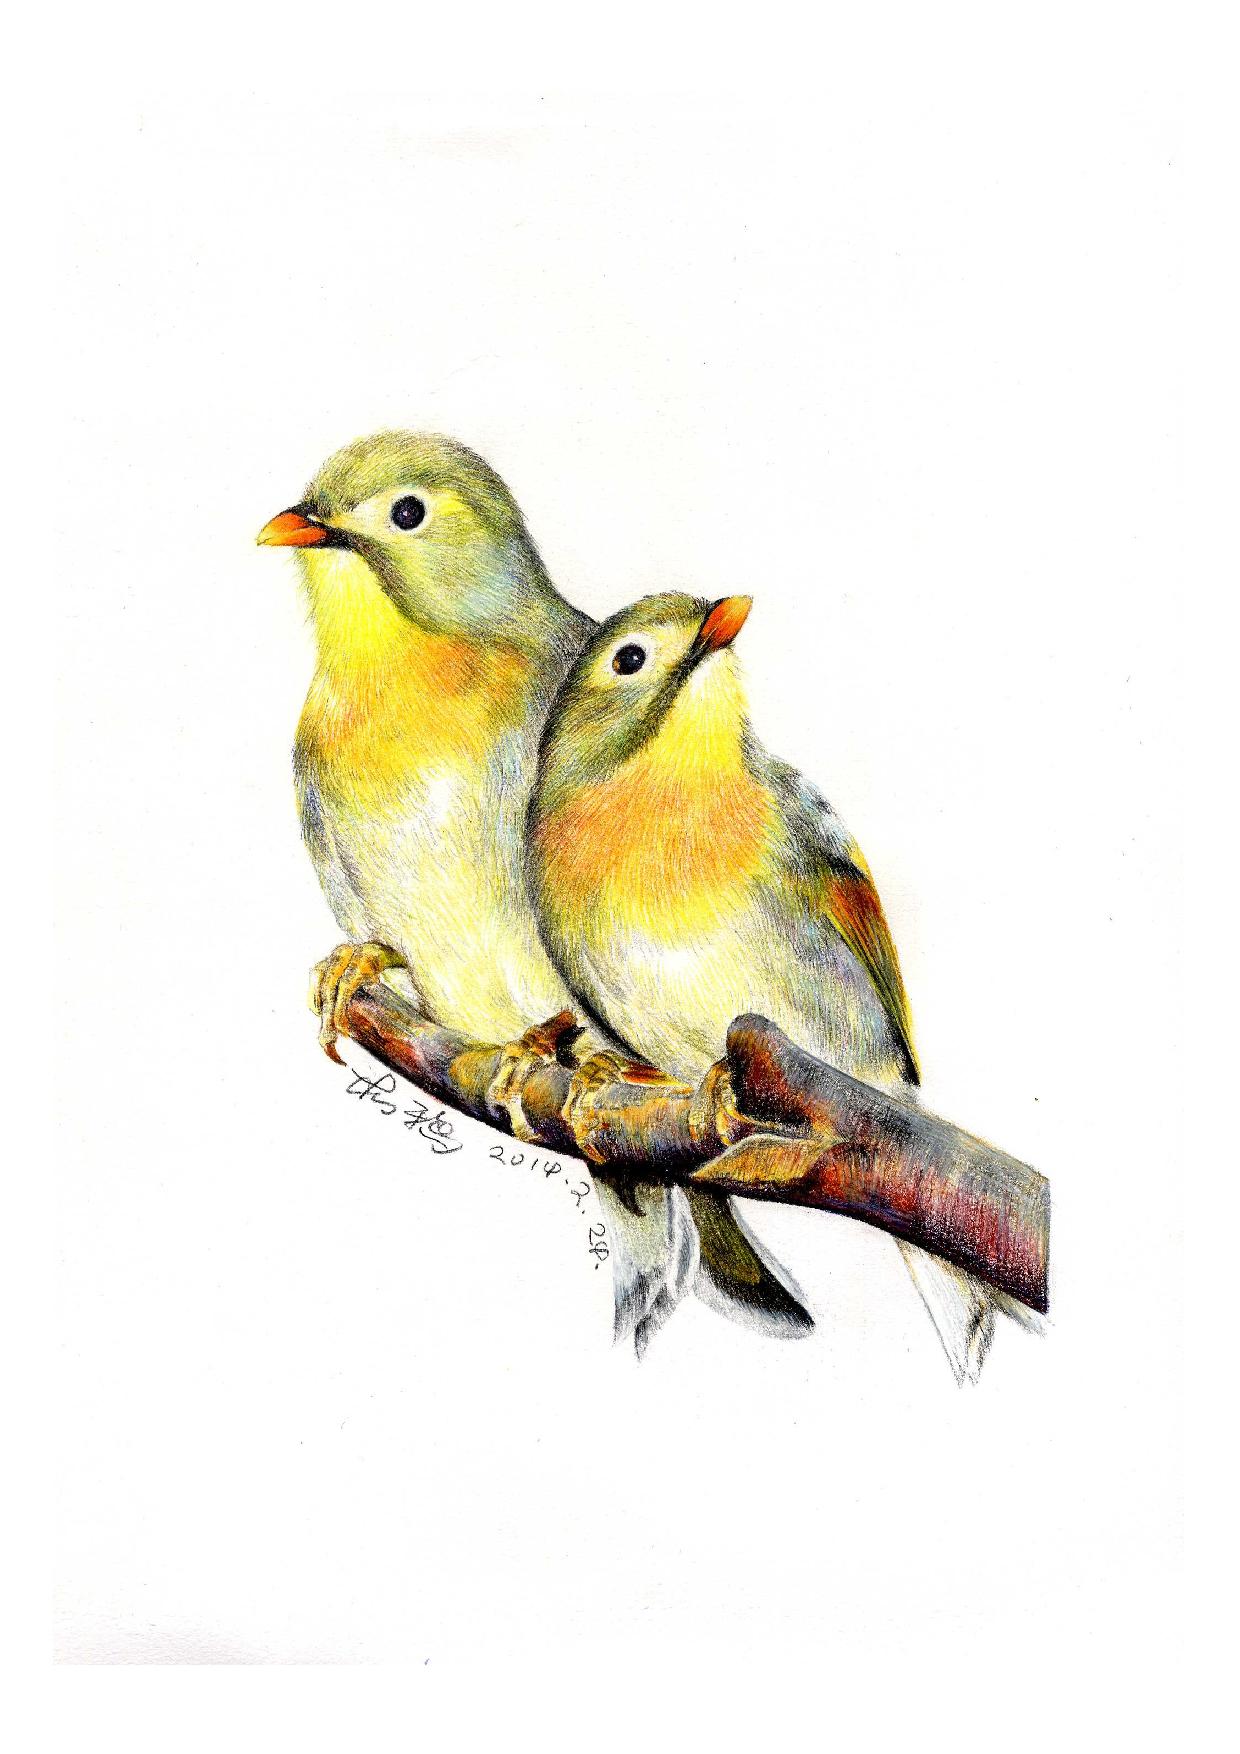 彩铅鸟类手绘——相思鸟